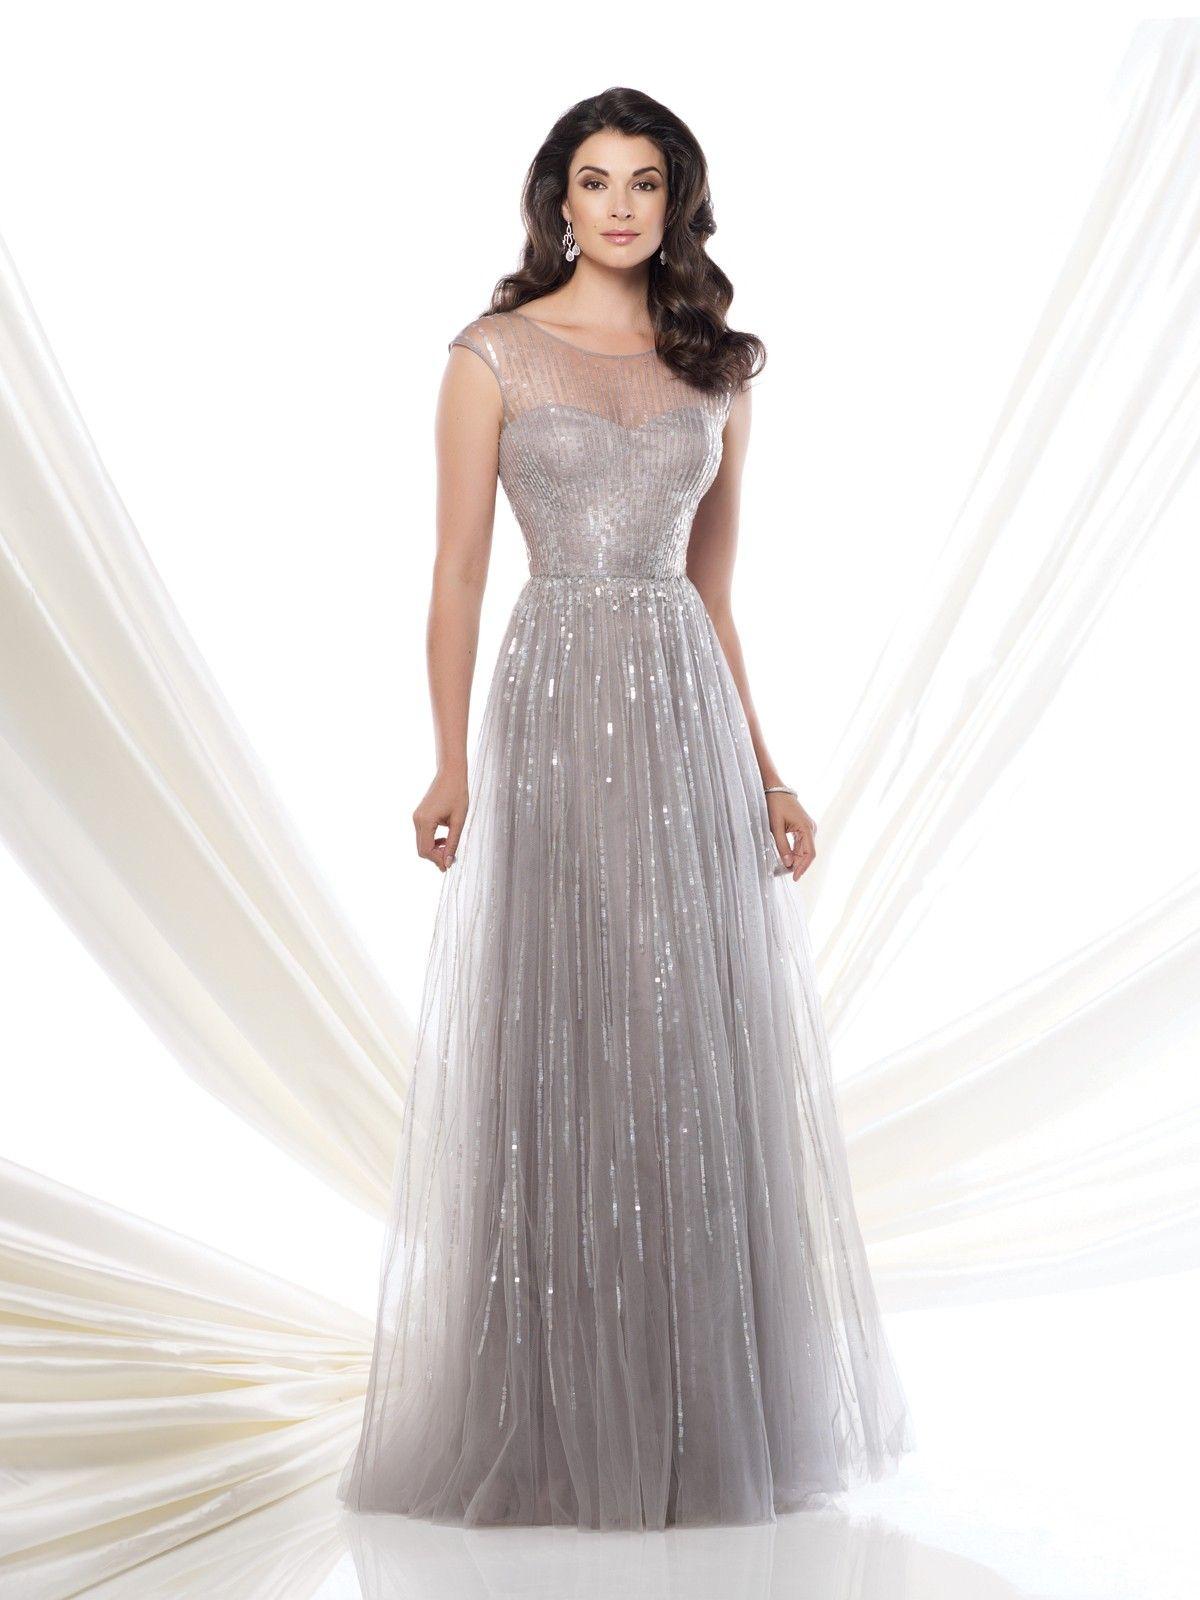 Mon Cheri 115962 249.99 Mon Cheri Plus size vestidos